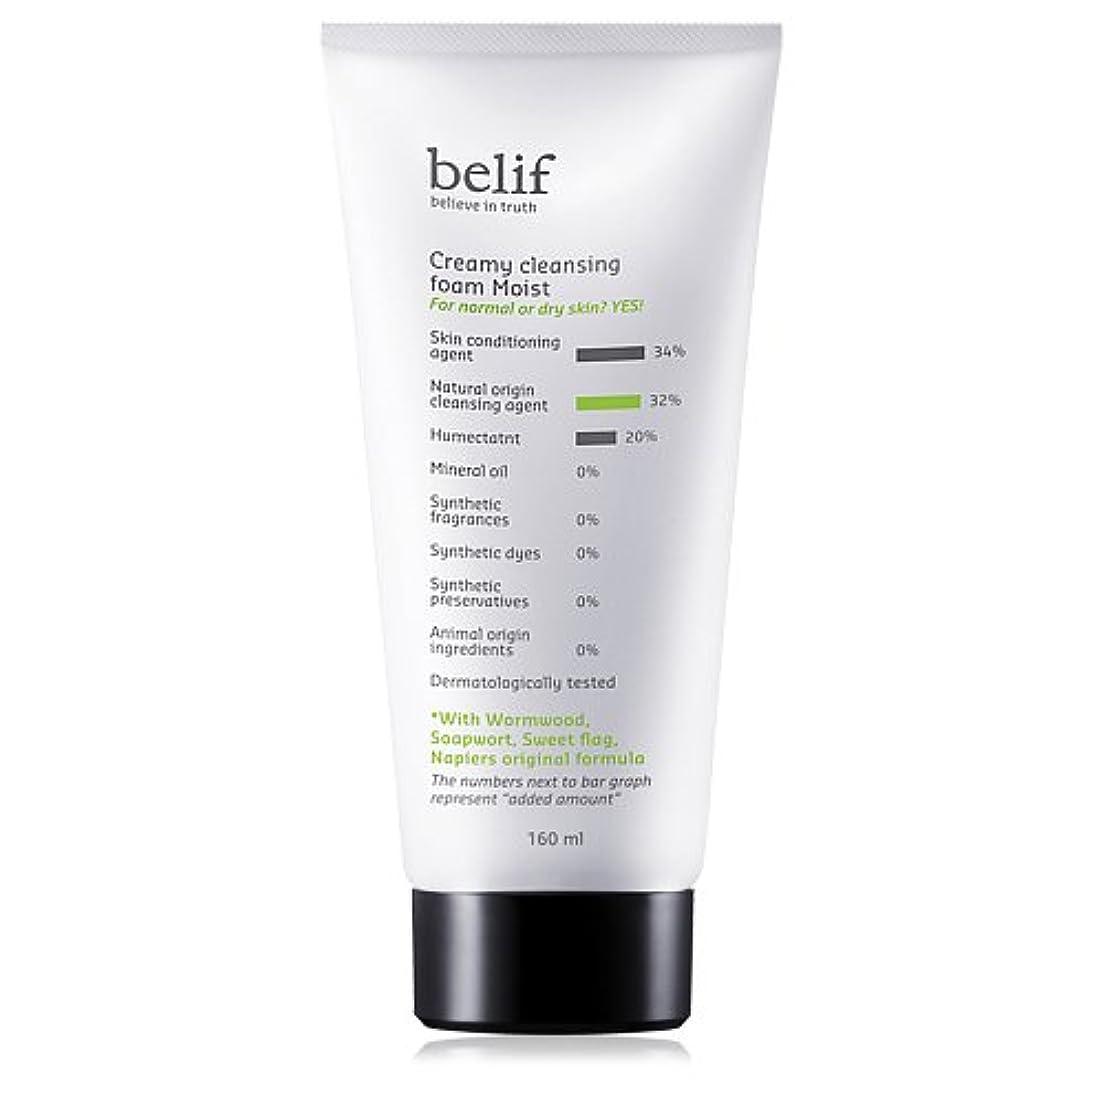 後給料与えるBelif(ビリーフ)Creamy cleansing foam moist 160ml[ビリーフクリーミークレンジングフォームモイスト]